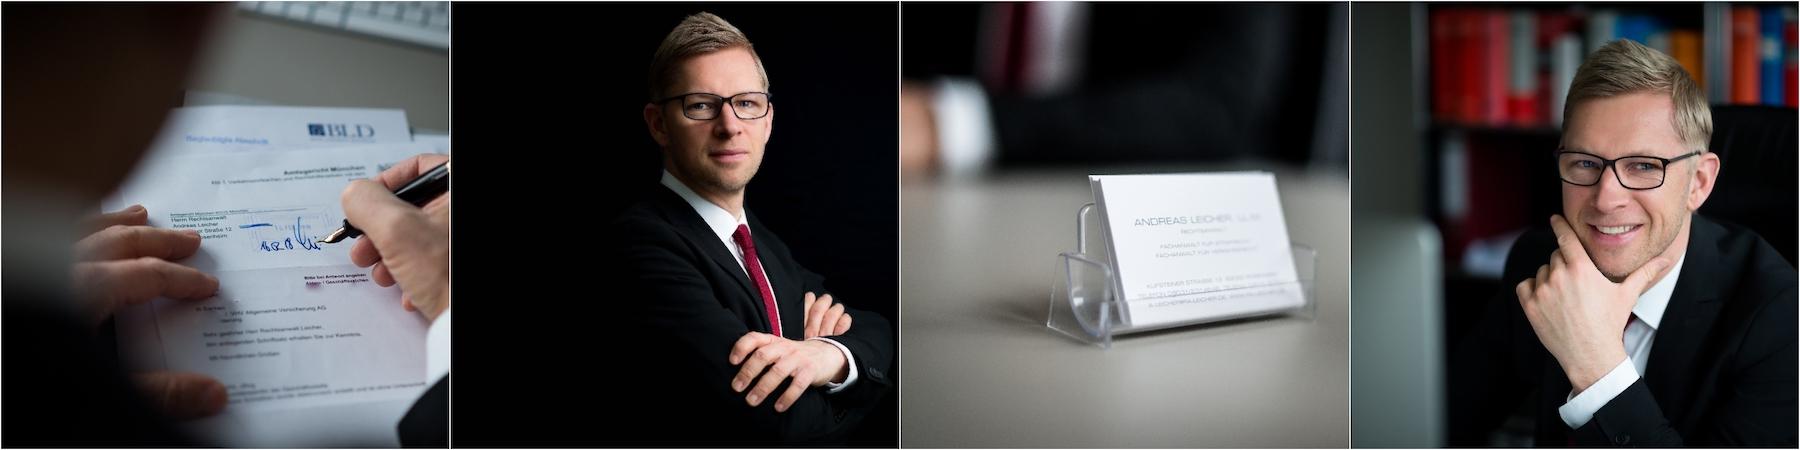 L.L.M. Andreas Leicher - Presse   Fachanwalt für Strafrecht Rosenheim   Strafverteidiger   Fachanwalt für Verkehrsrecht